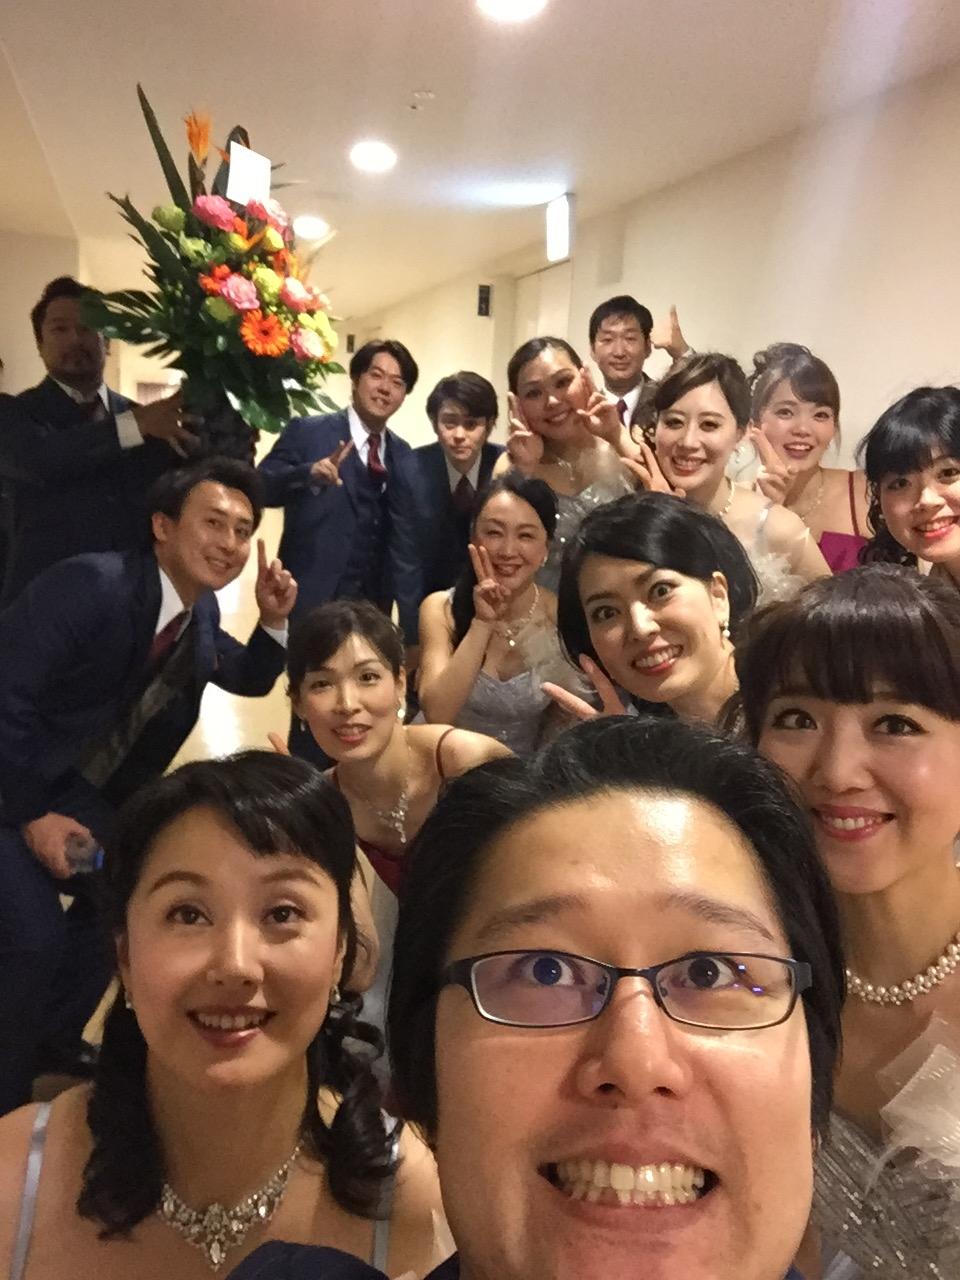 大阪二日間、お疲れ様でしたぁ。カメラの位置を見失う前列の人々(笑)